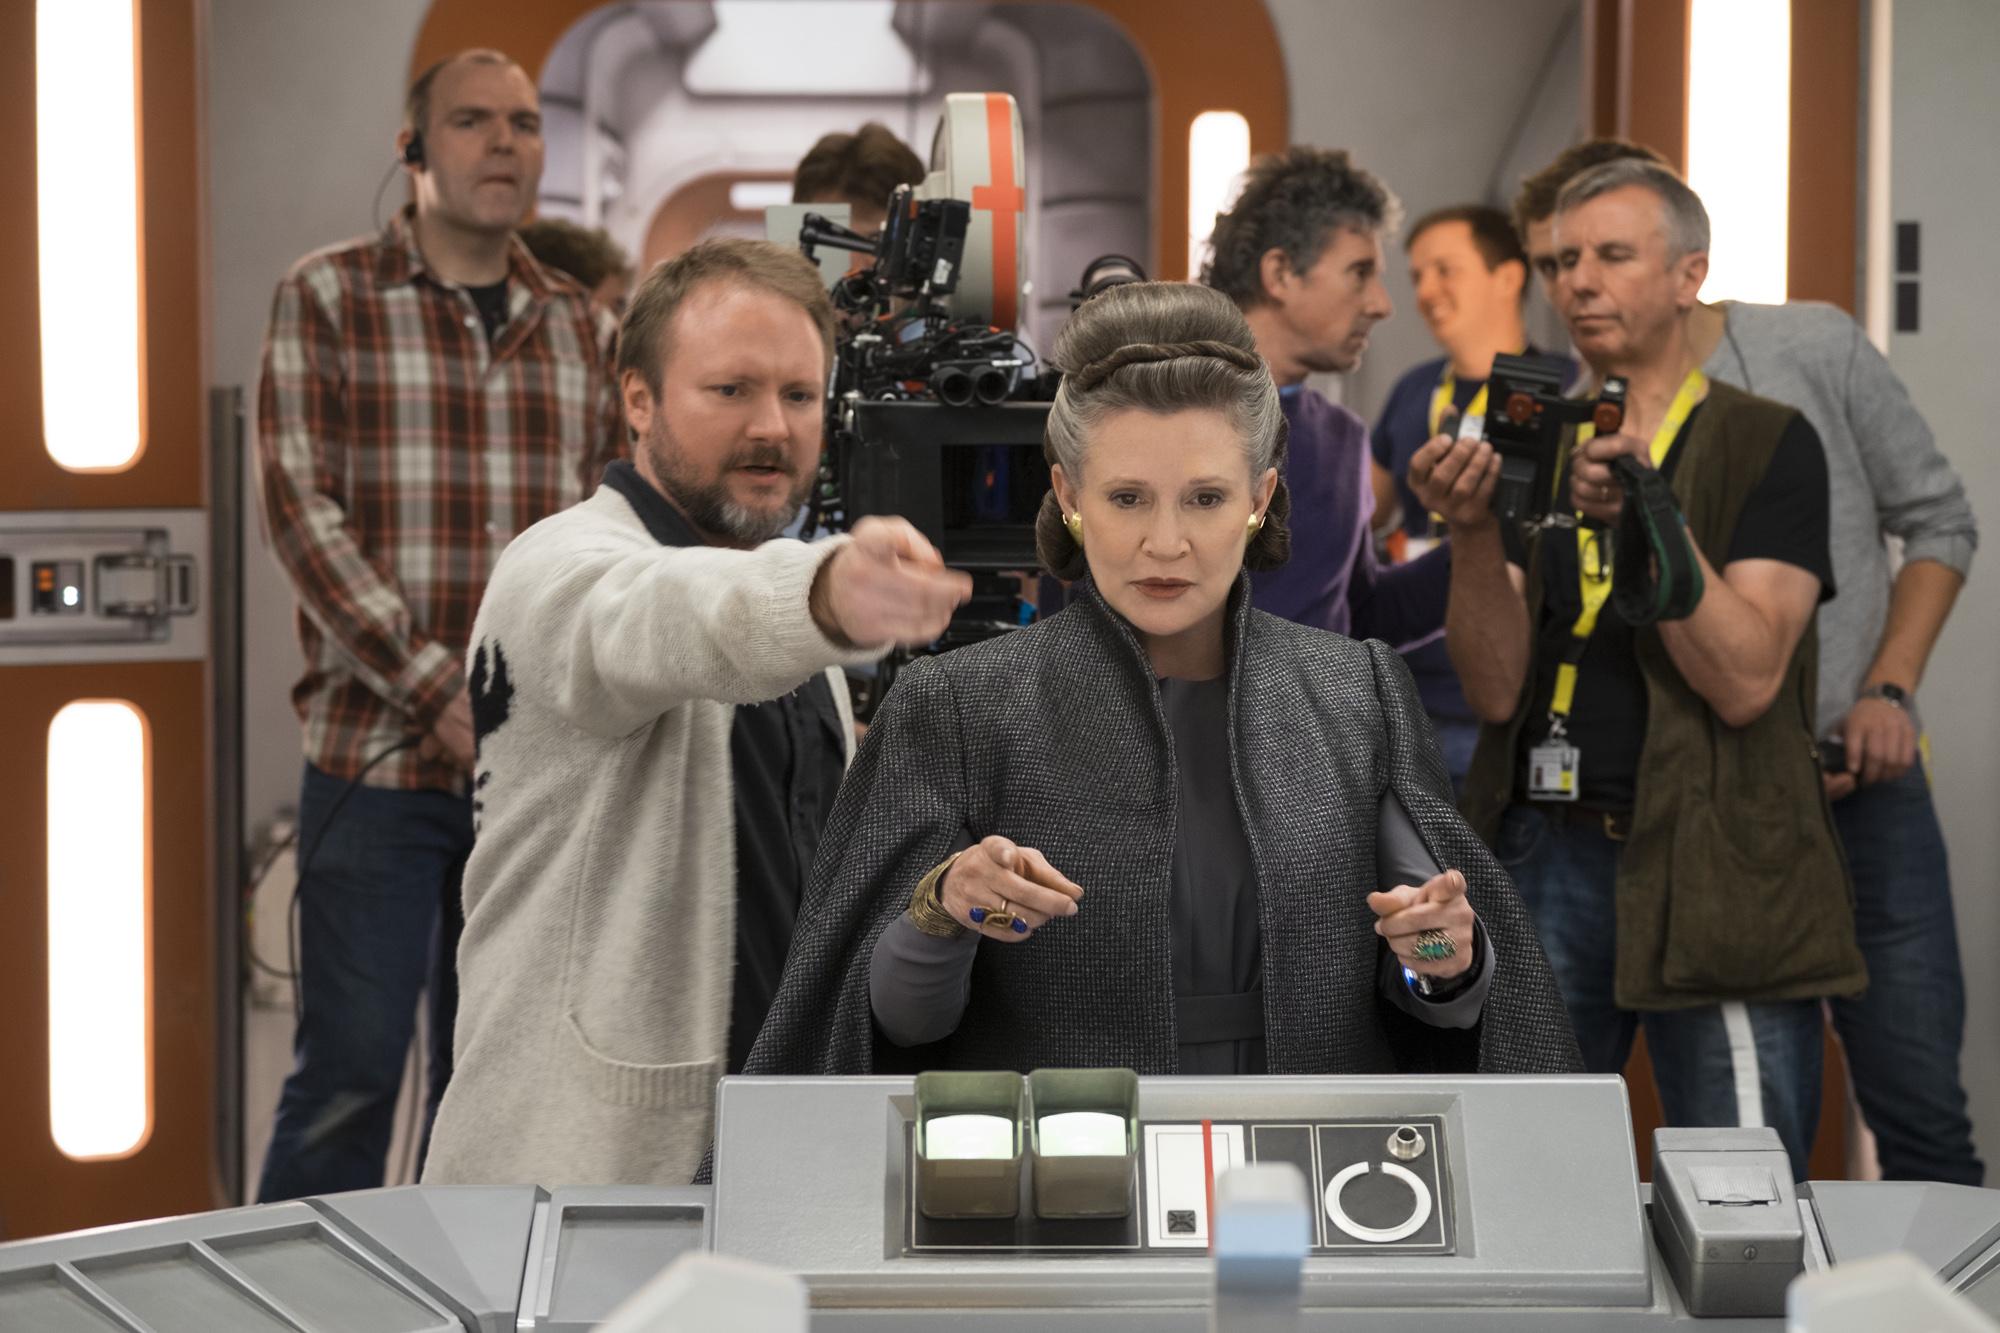 A VIII. Epizód a tavaly decemberben elhunyt Carrie Fisher utolsó filmje. Johnson szerint nagyszerű alakítást nyújt Leia tábornok szerepében.